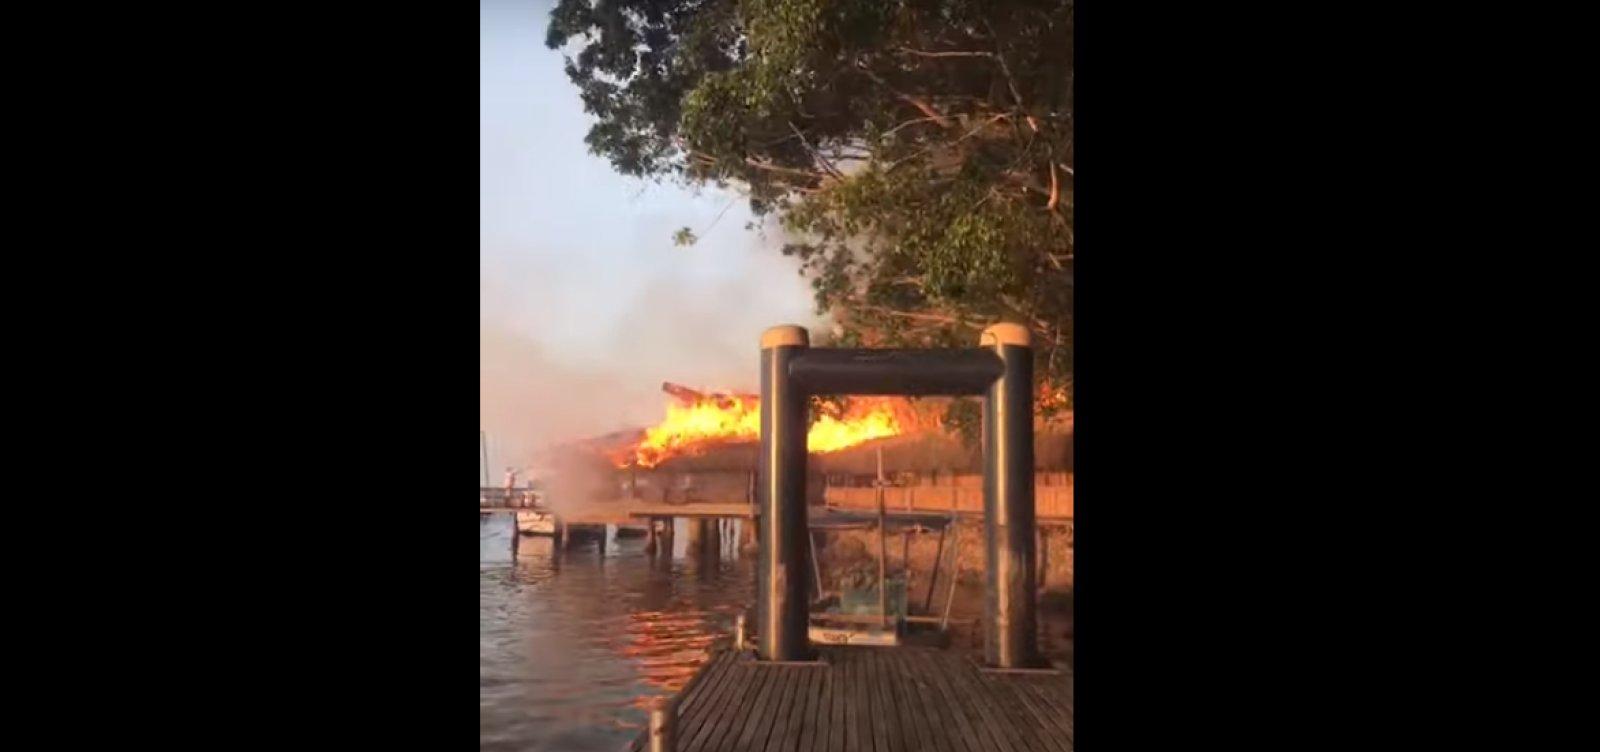 Hotel de luxo em Porto Seguro é destruído pelas chamas; veja vídeo